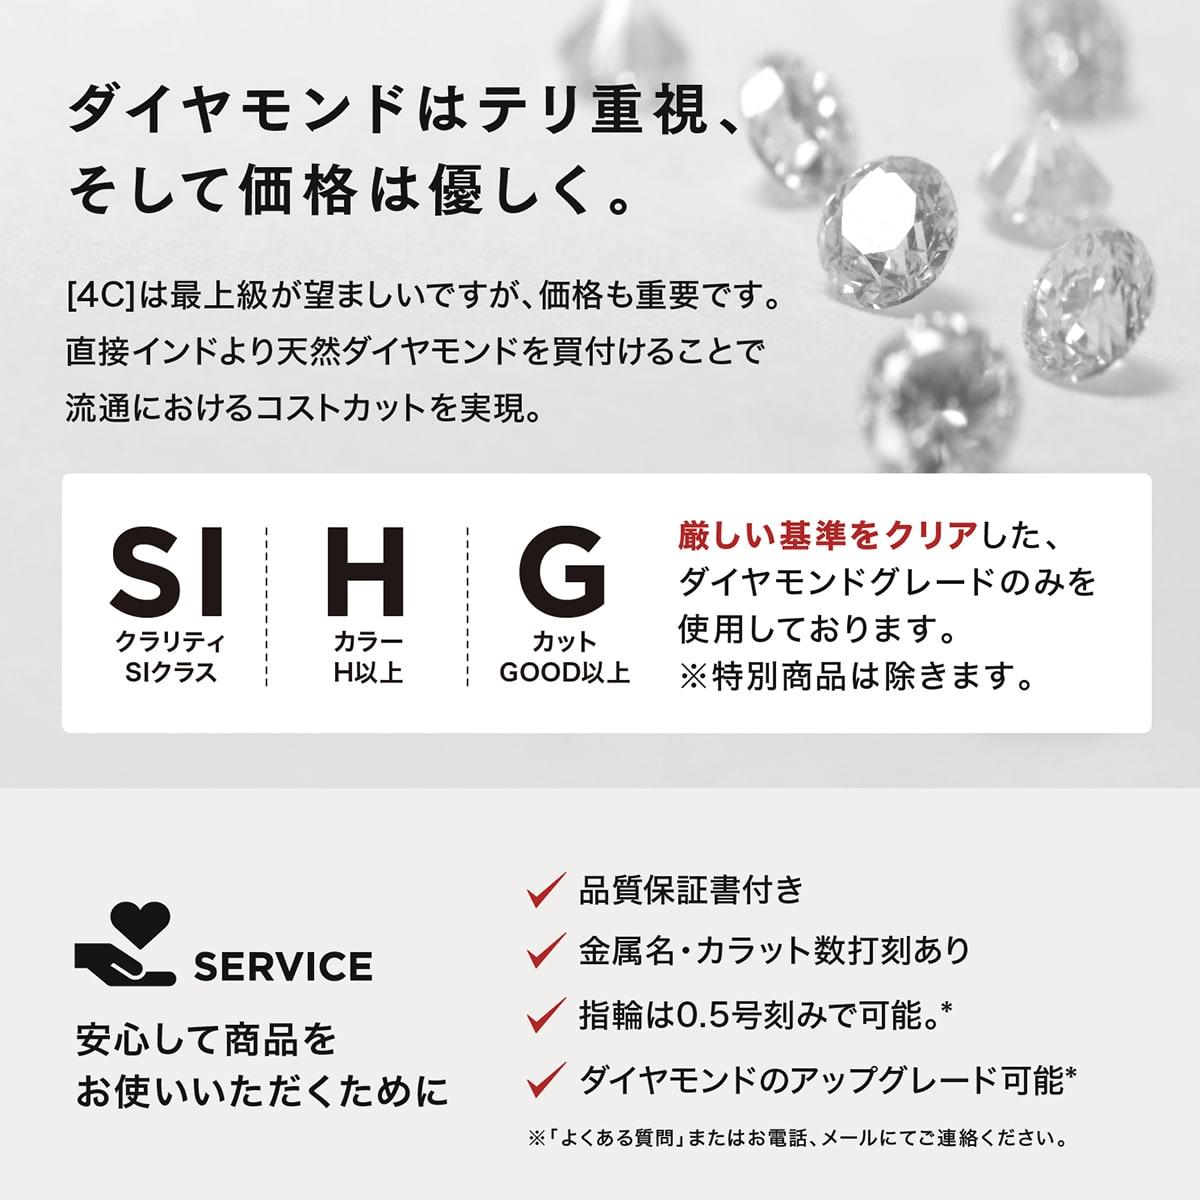 地金 リング プラチナ900 ファッションリング 品質保証書 金属アレルギー 日本製 誕生日 ギフト453ALjR